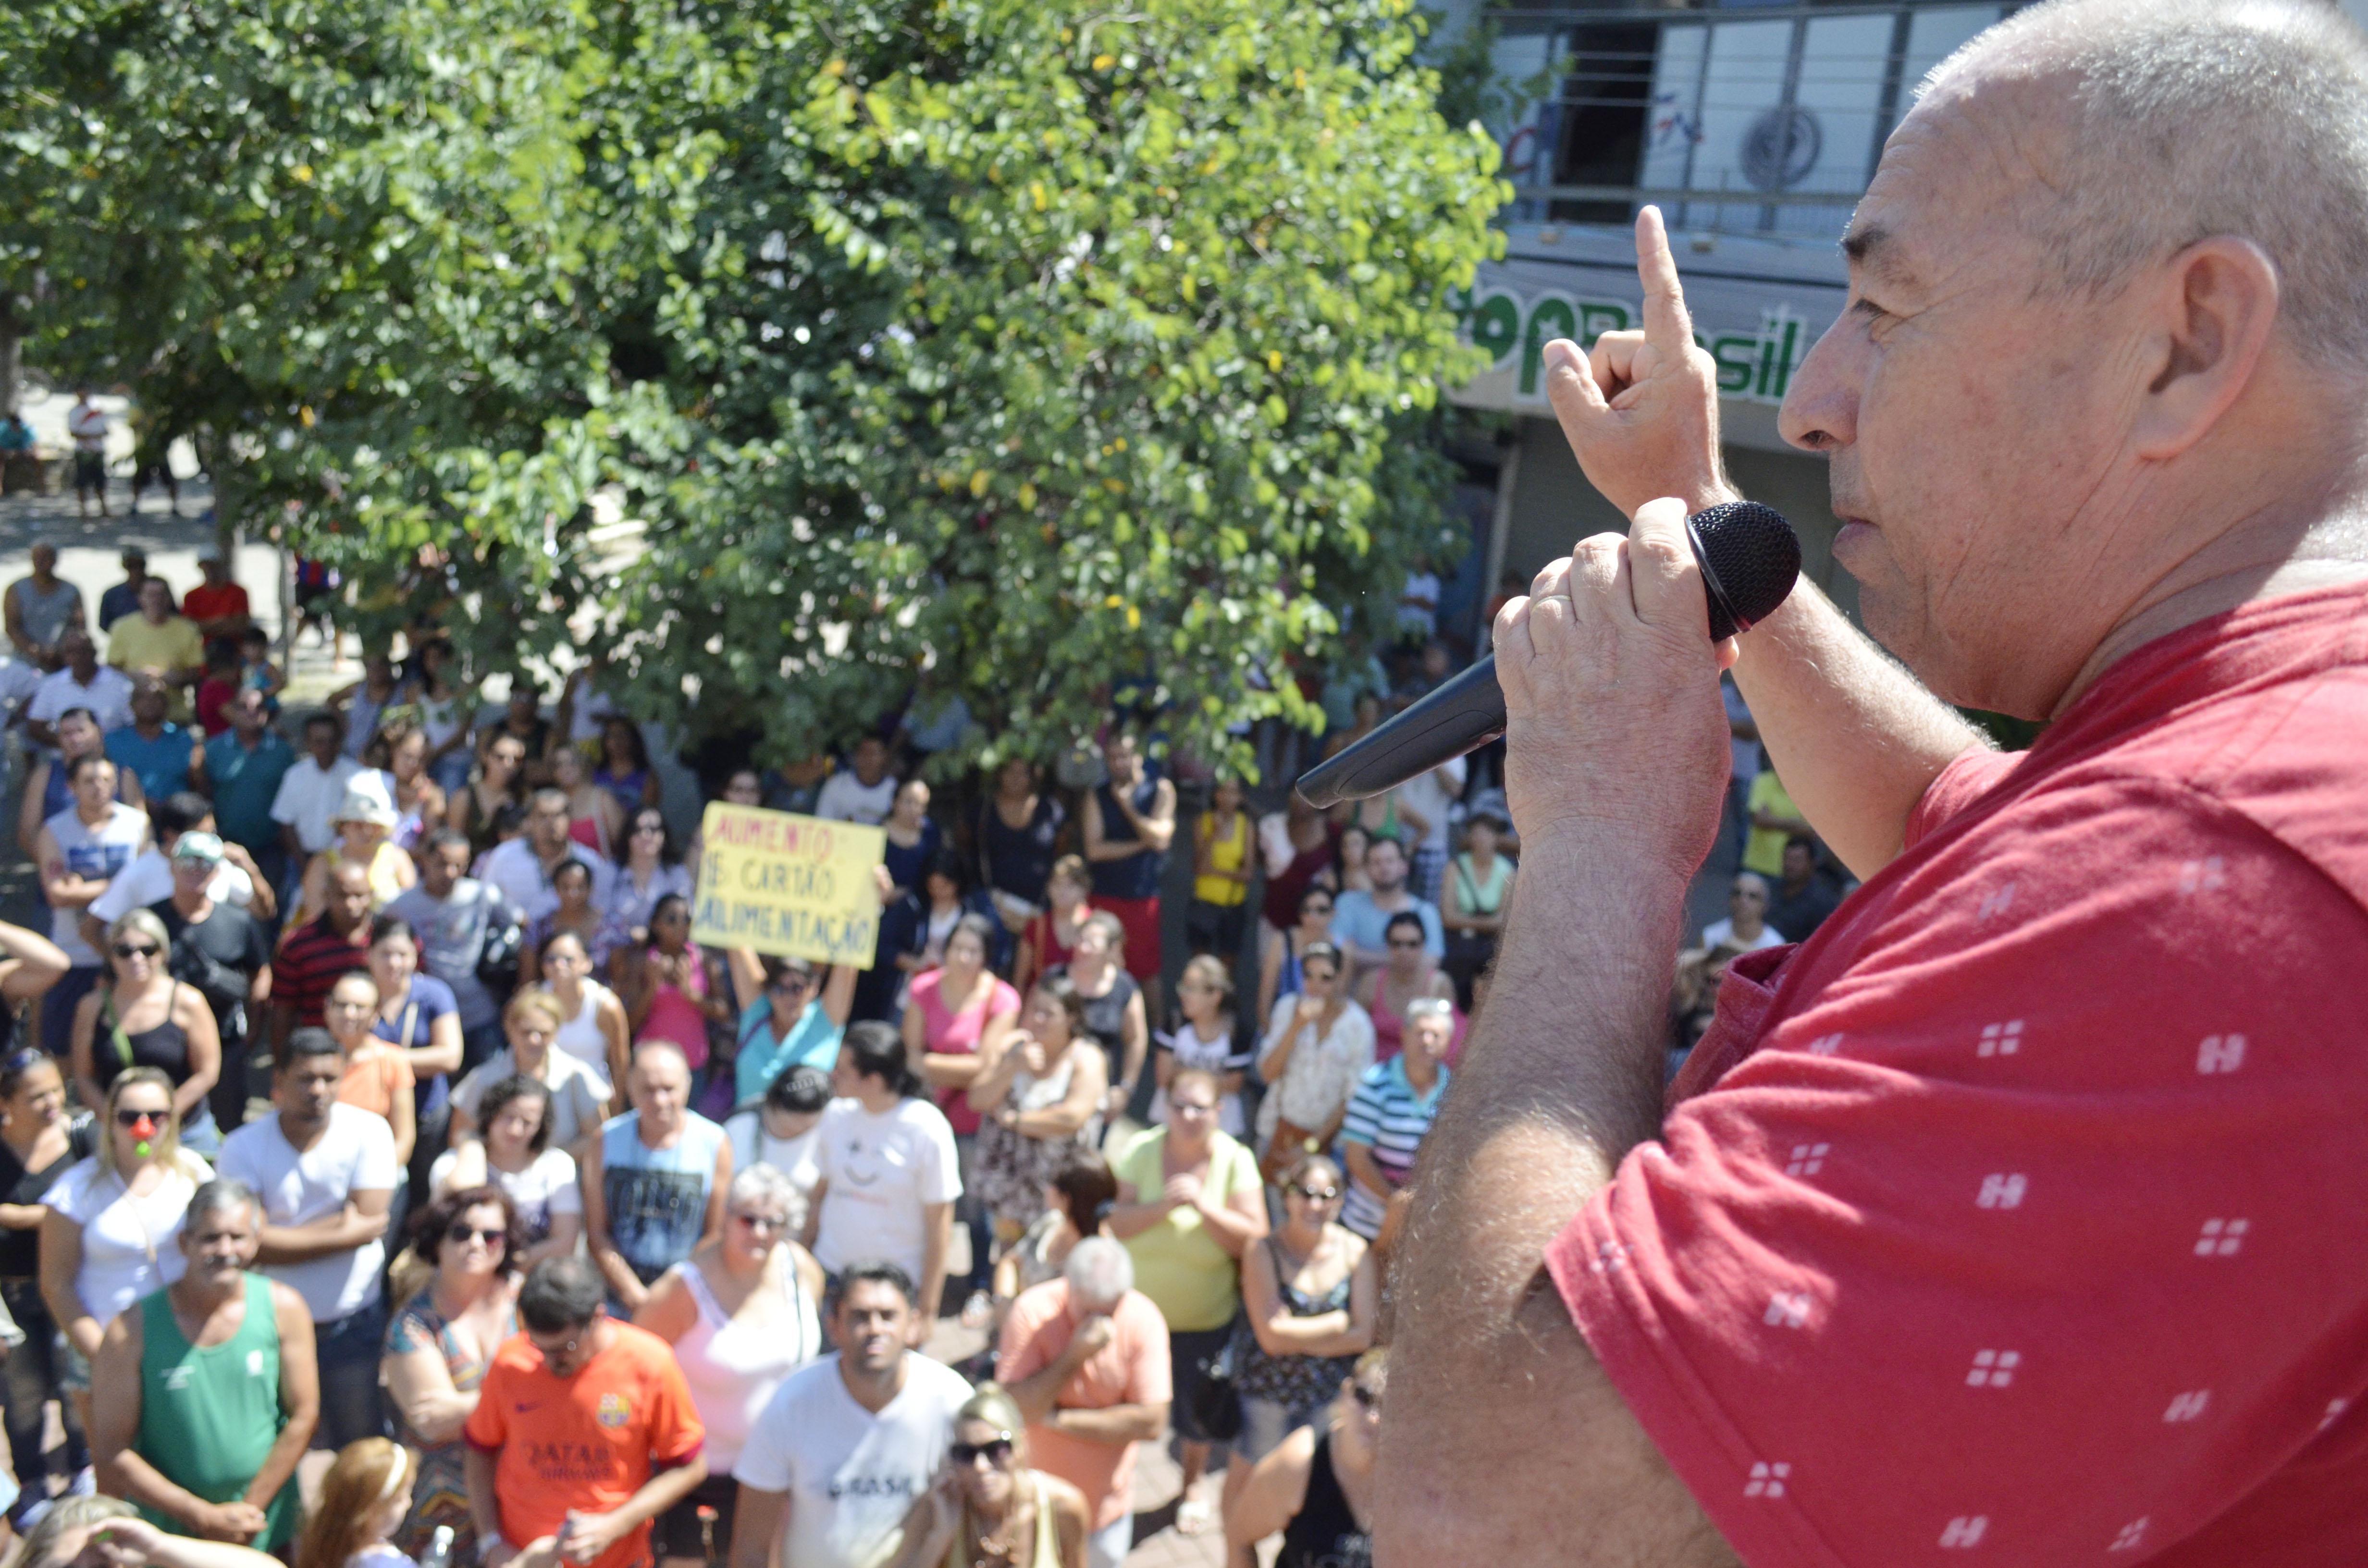 O presidente do sindicato José Eduardo Ayres fala sobre reivindicações, observado por servidores que tomaram a praça Conselheiro (Leandro Oliveira)